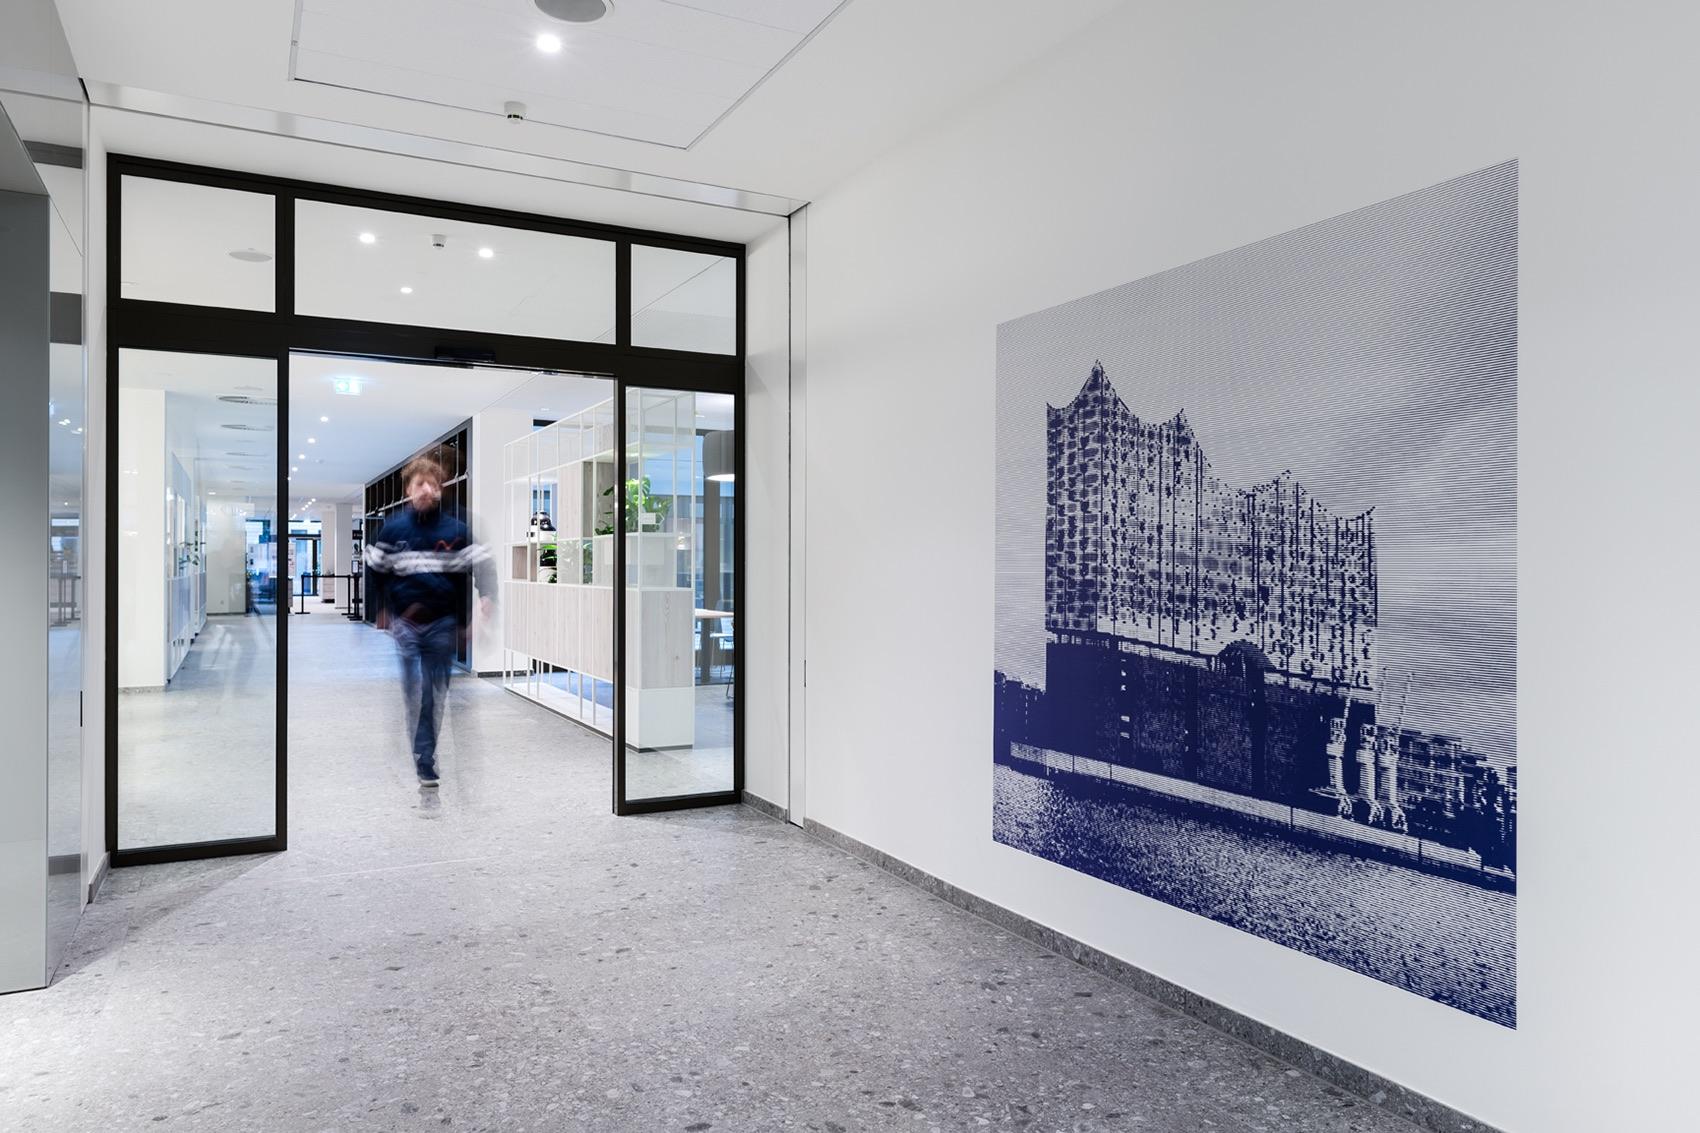 euler-hermes-hamburg-office-12